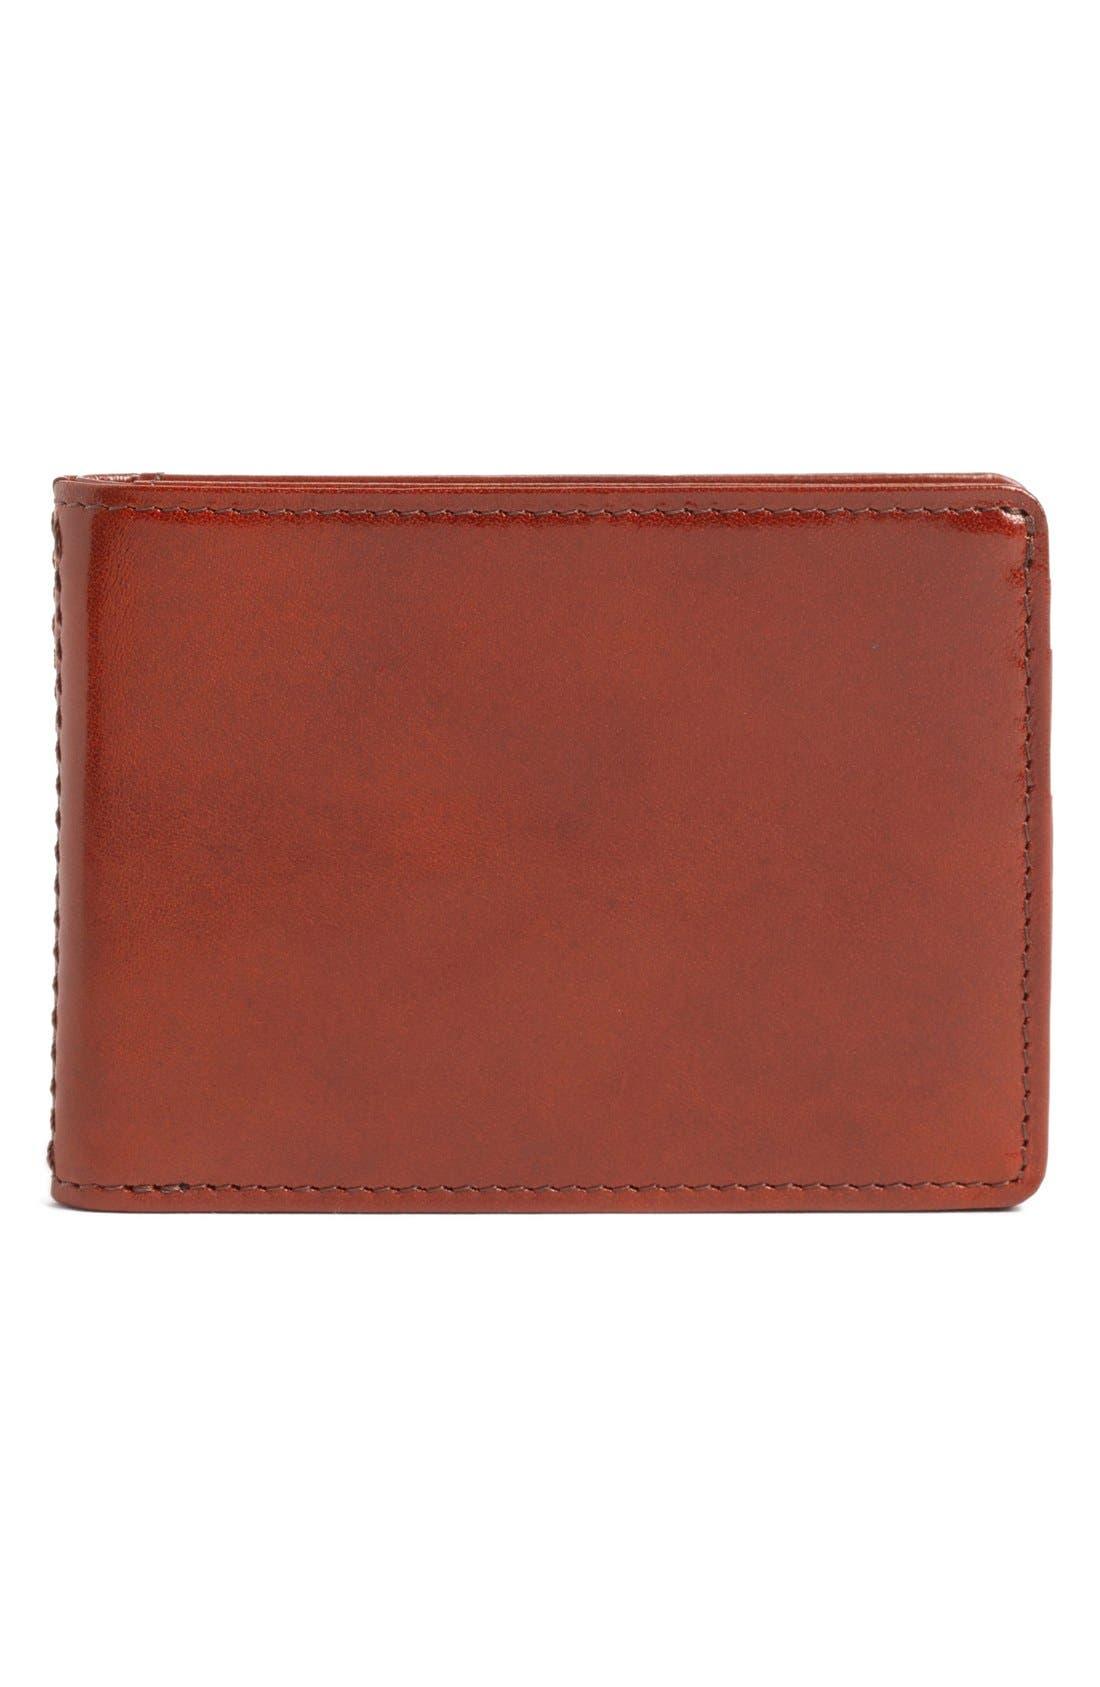 Small Bifold Wallet,                             Main thumbnail 3, color,